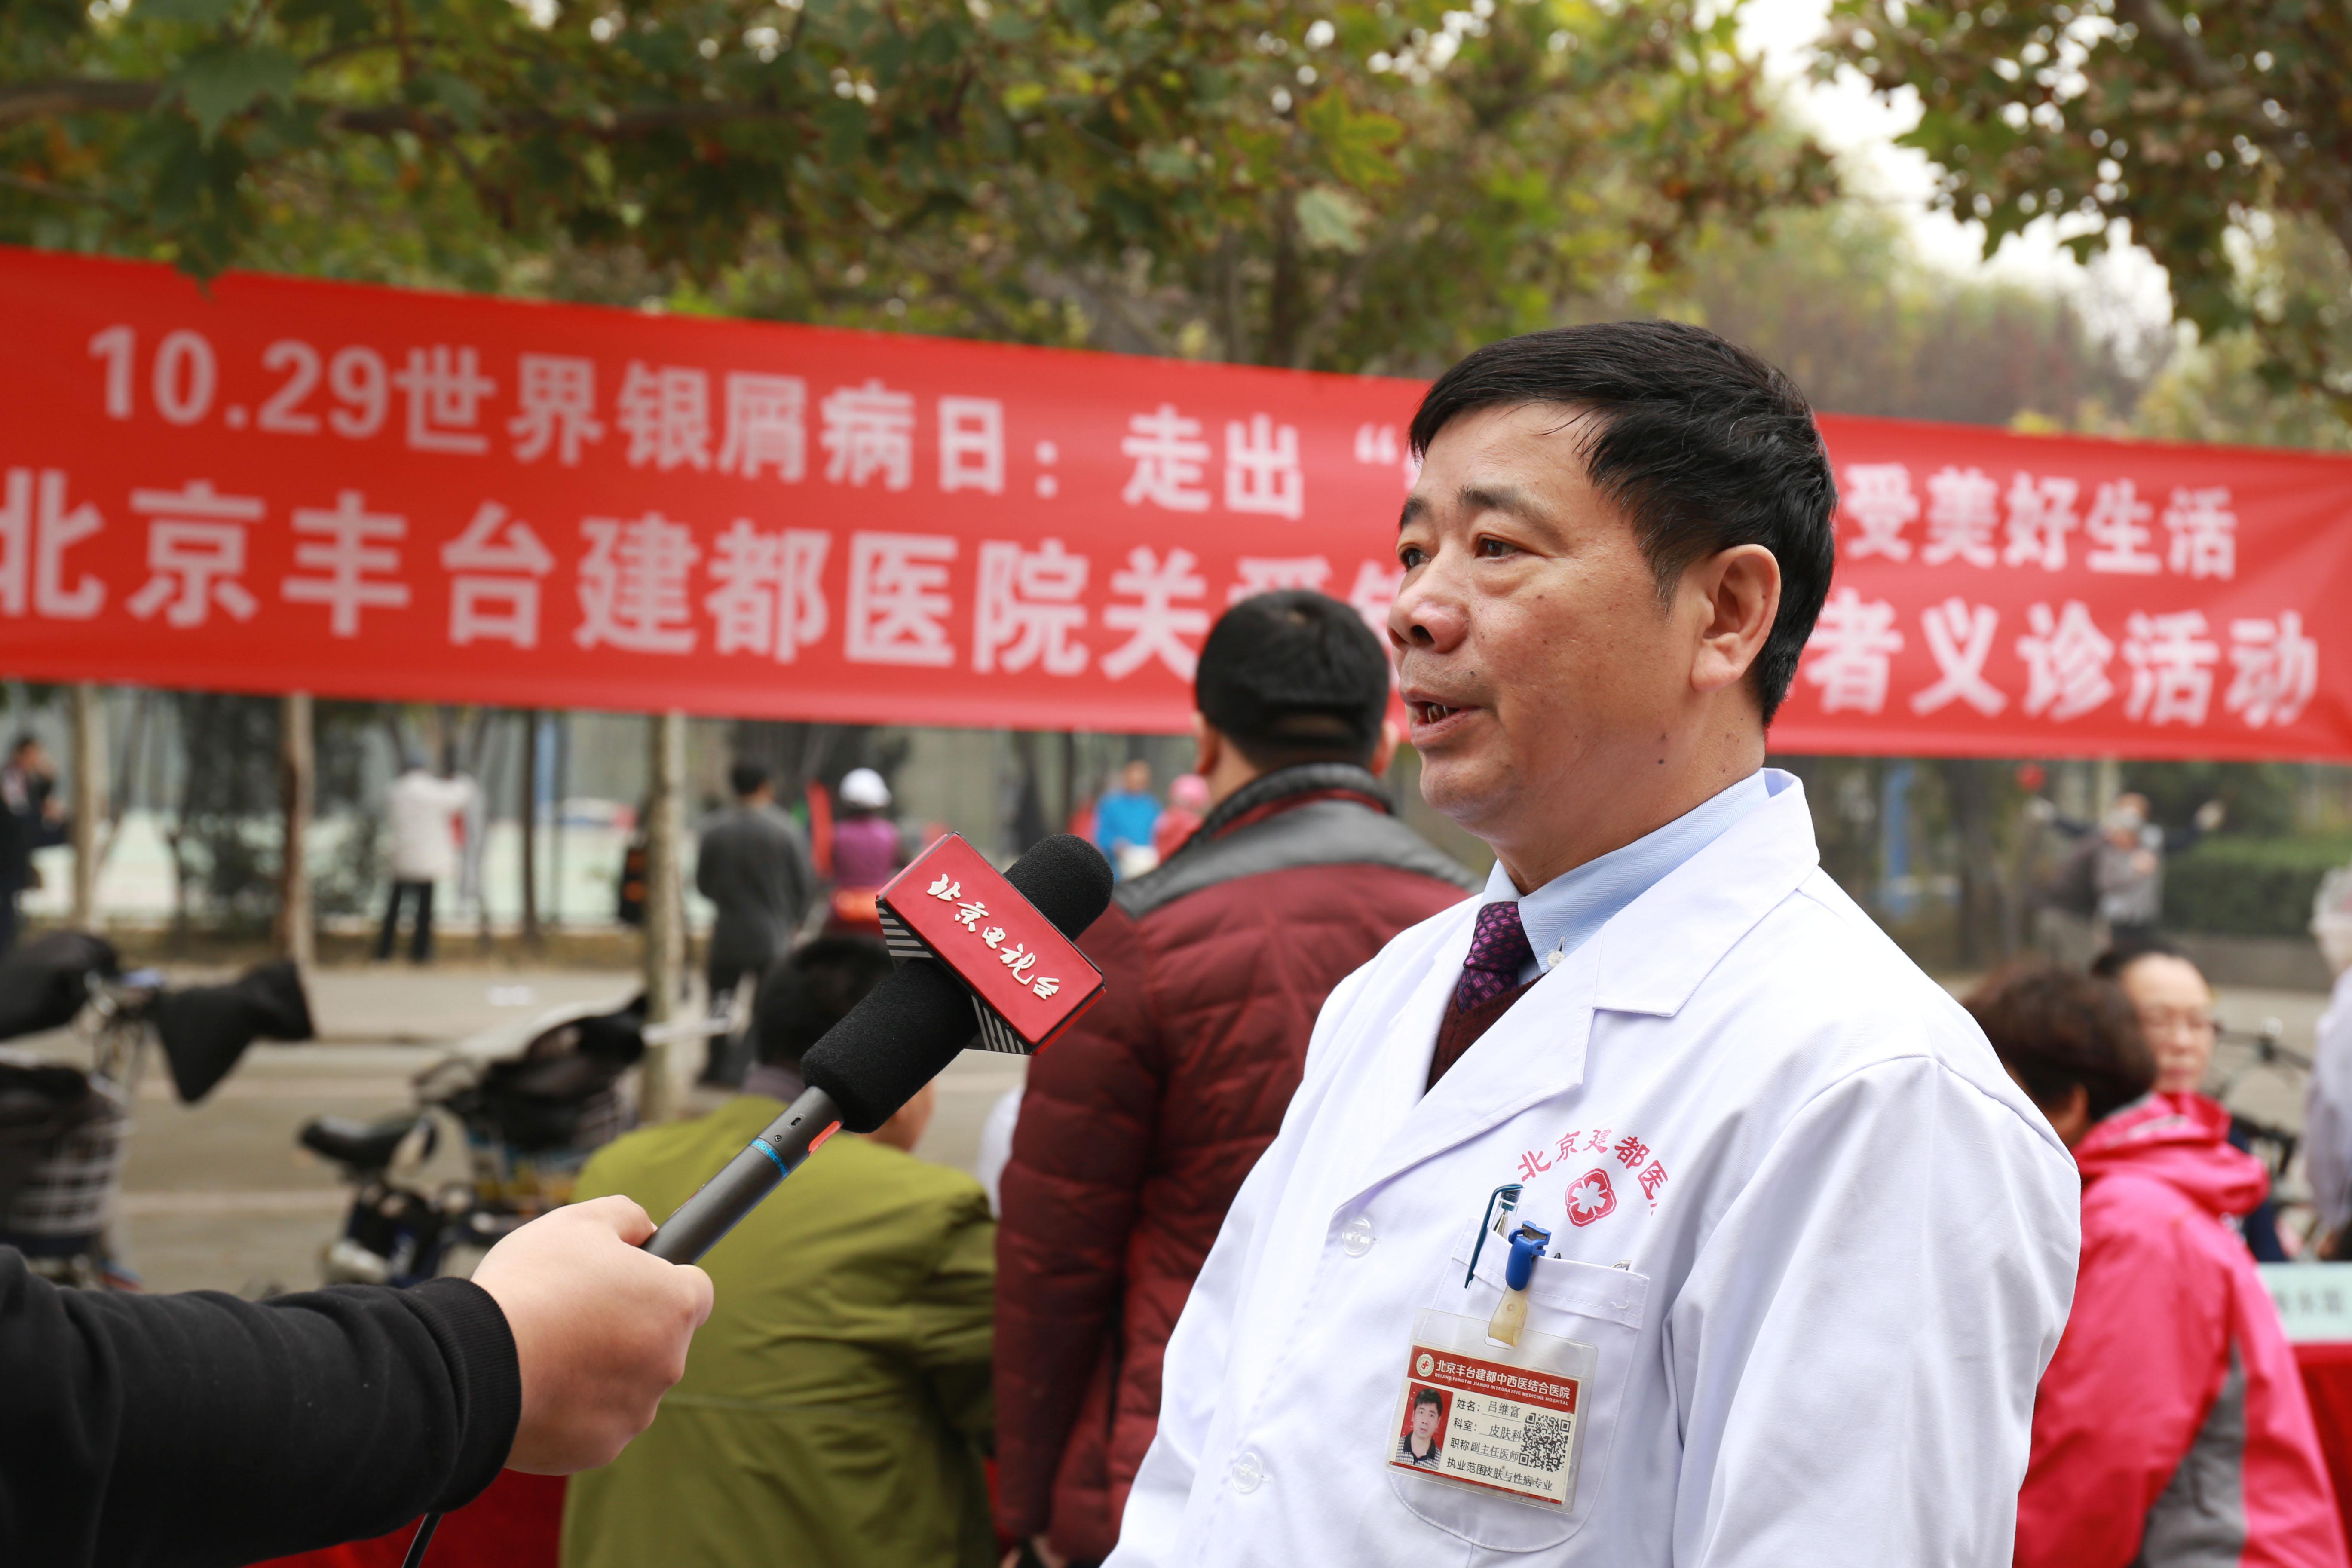 北京丰台建都中西医结合医院BTV北京电视台新闻频道:专访建都专家吕继富主任